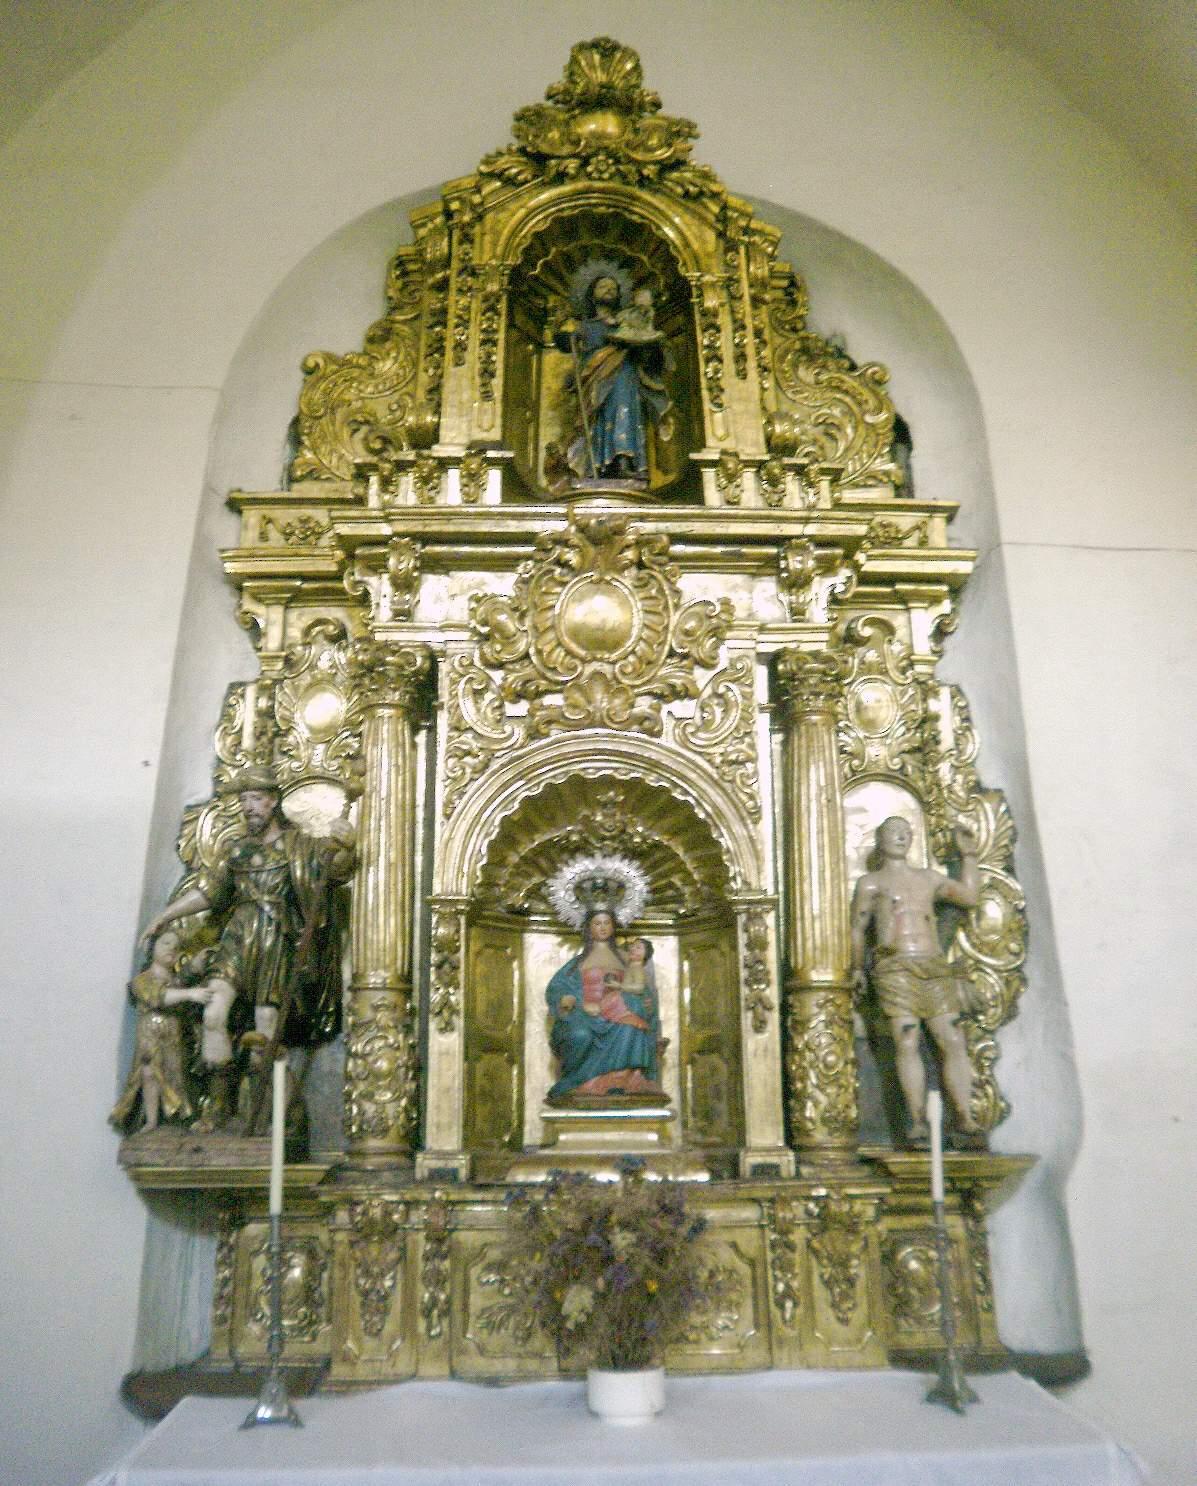 La Virgen del txori